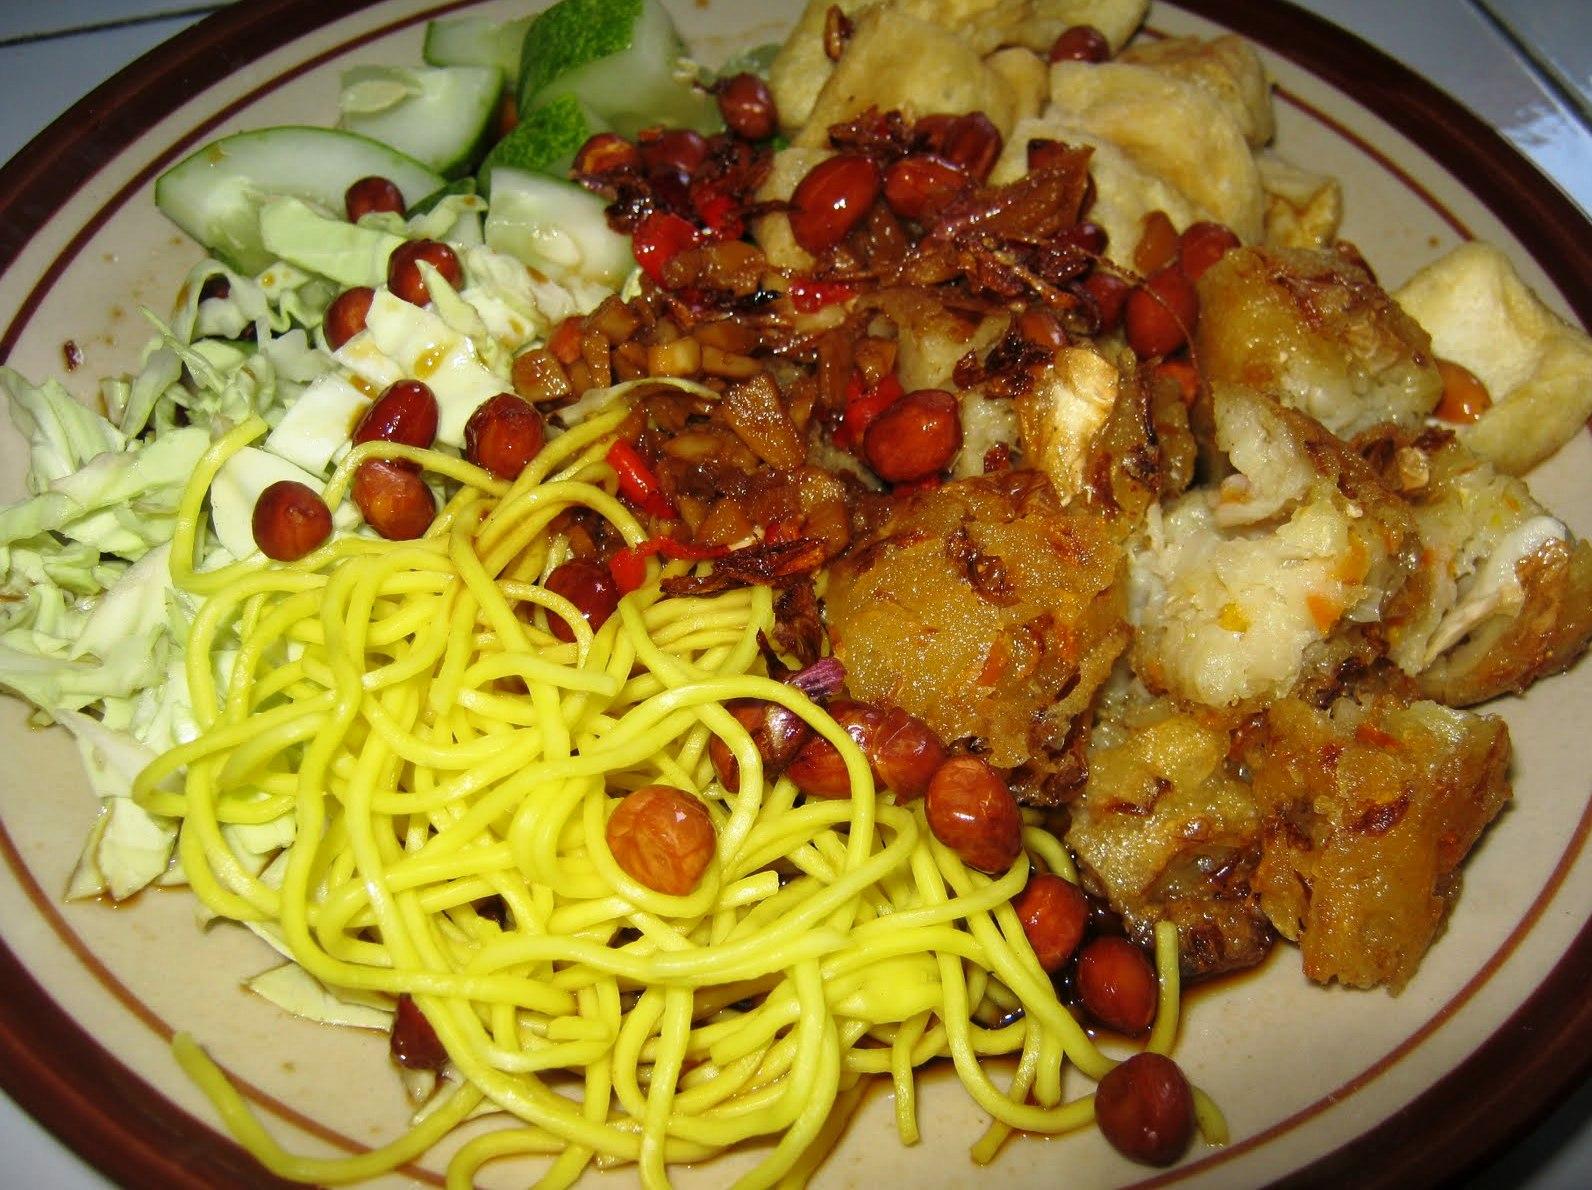 Resep Masakan Tahu Acar Solo Yang Nikmat